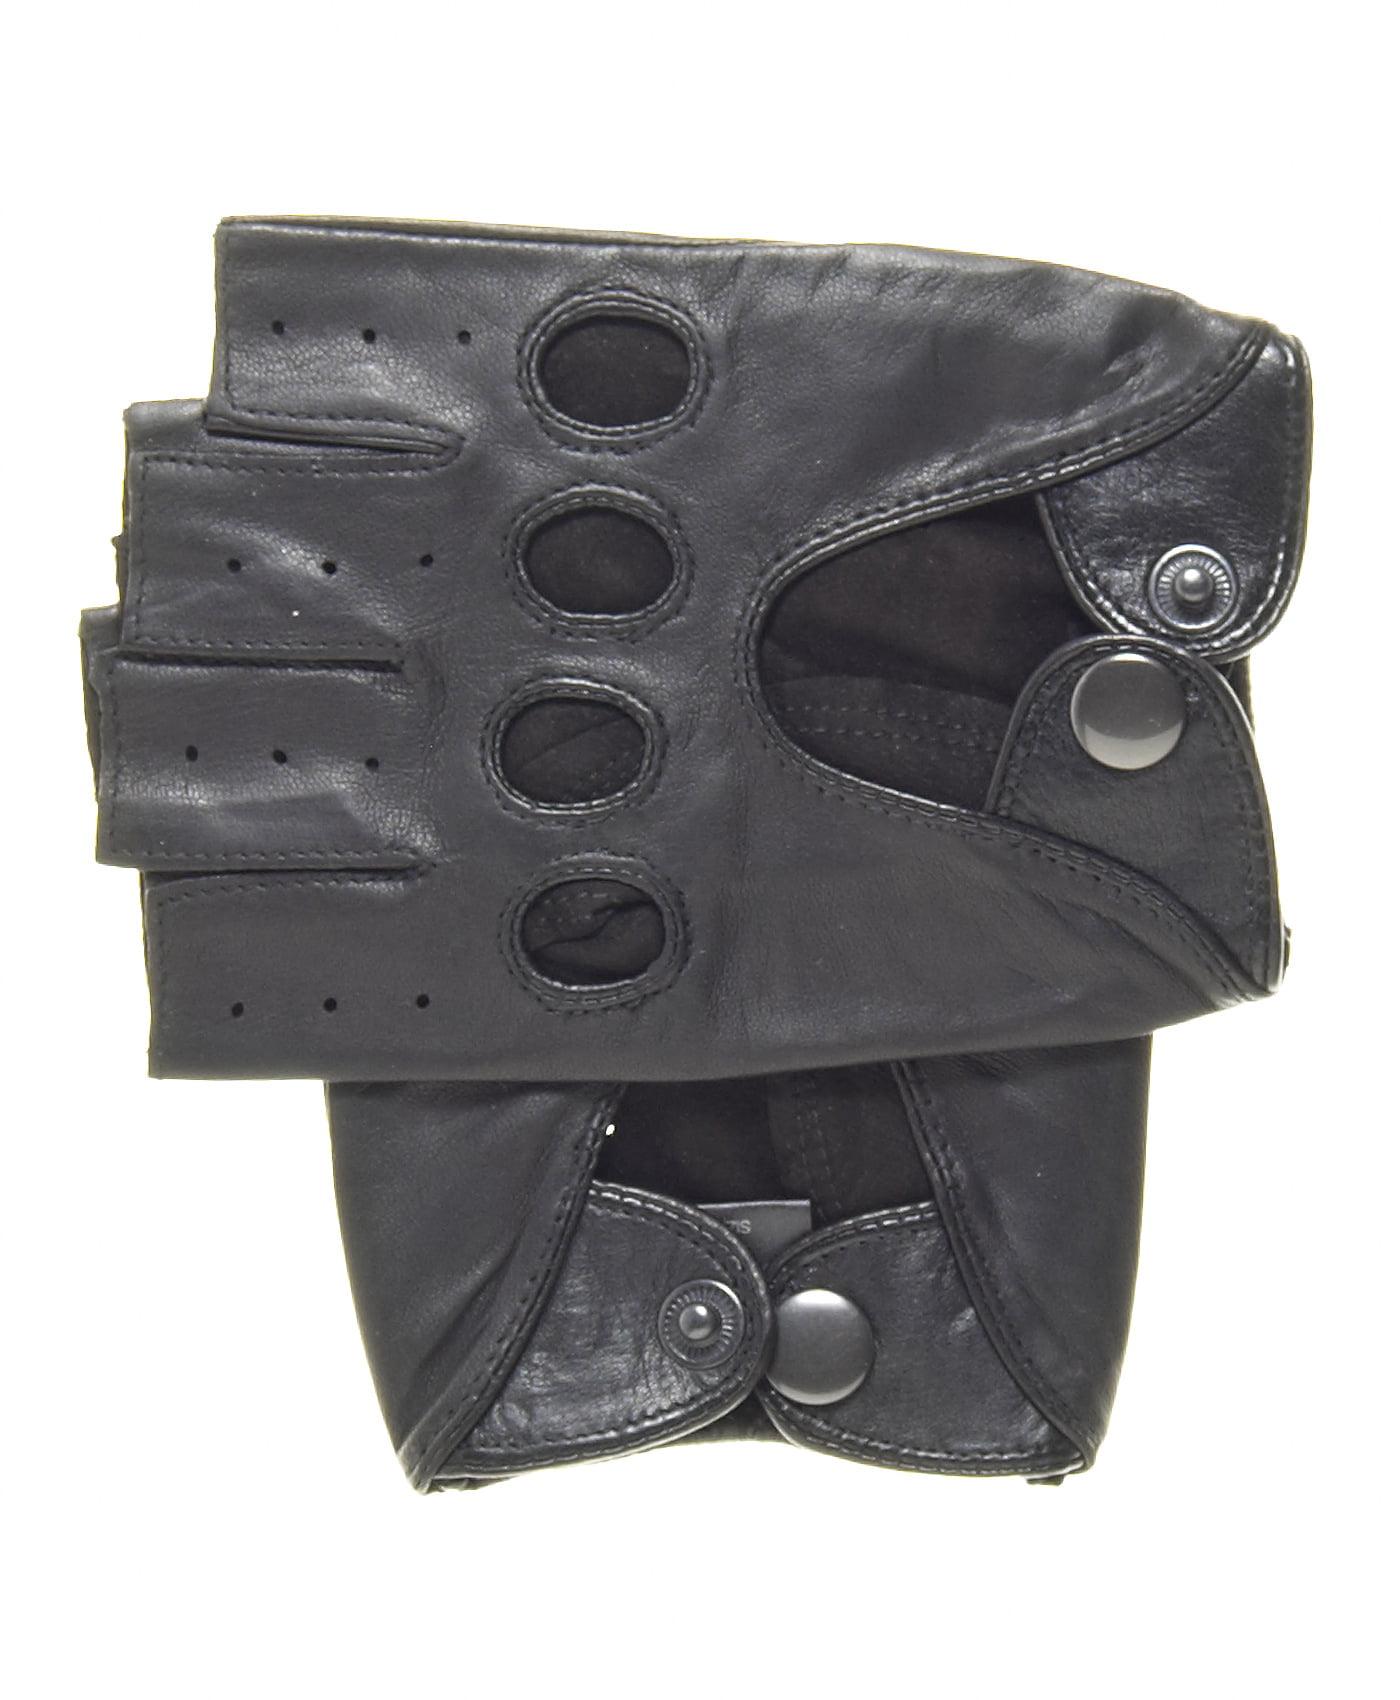 Driving gloves johannesburg - Pratt And Hart Men S Shorty Leather Driving Gloves Fingerless